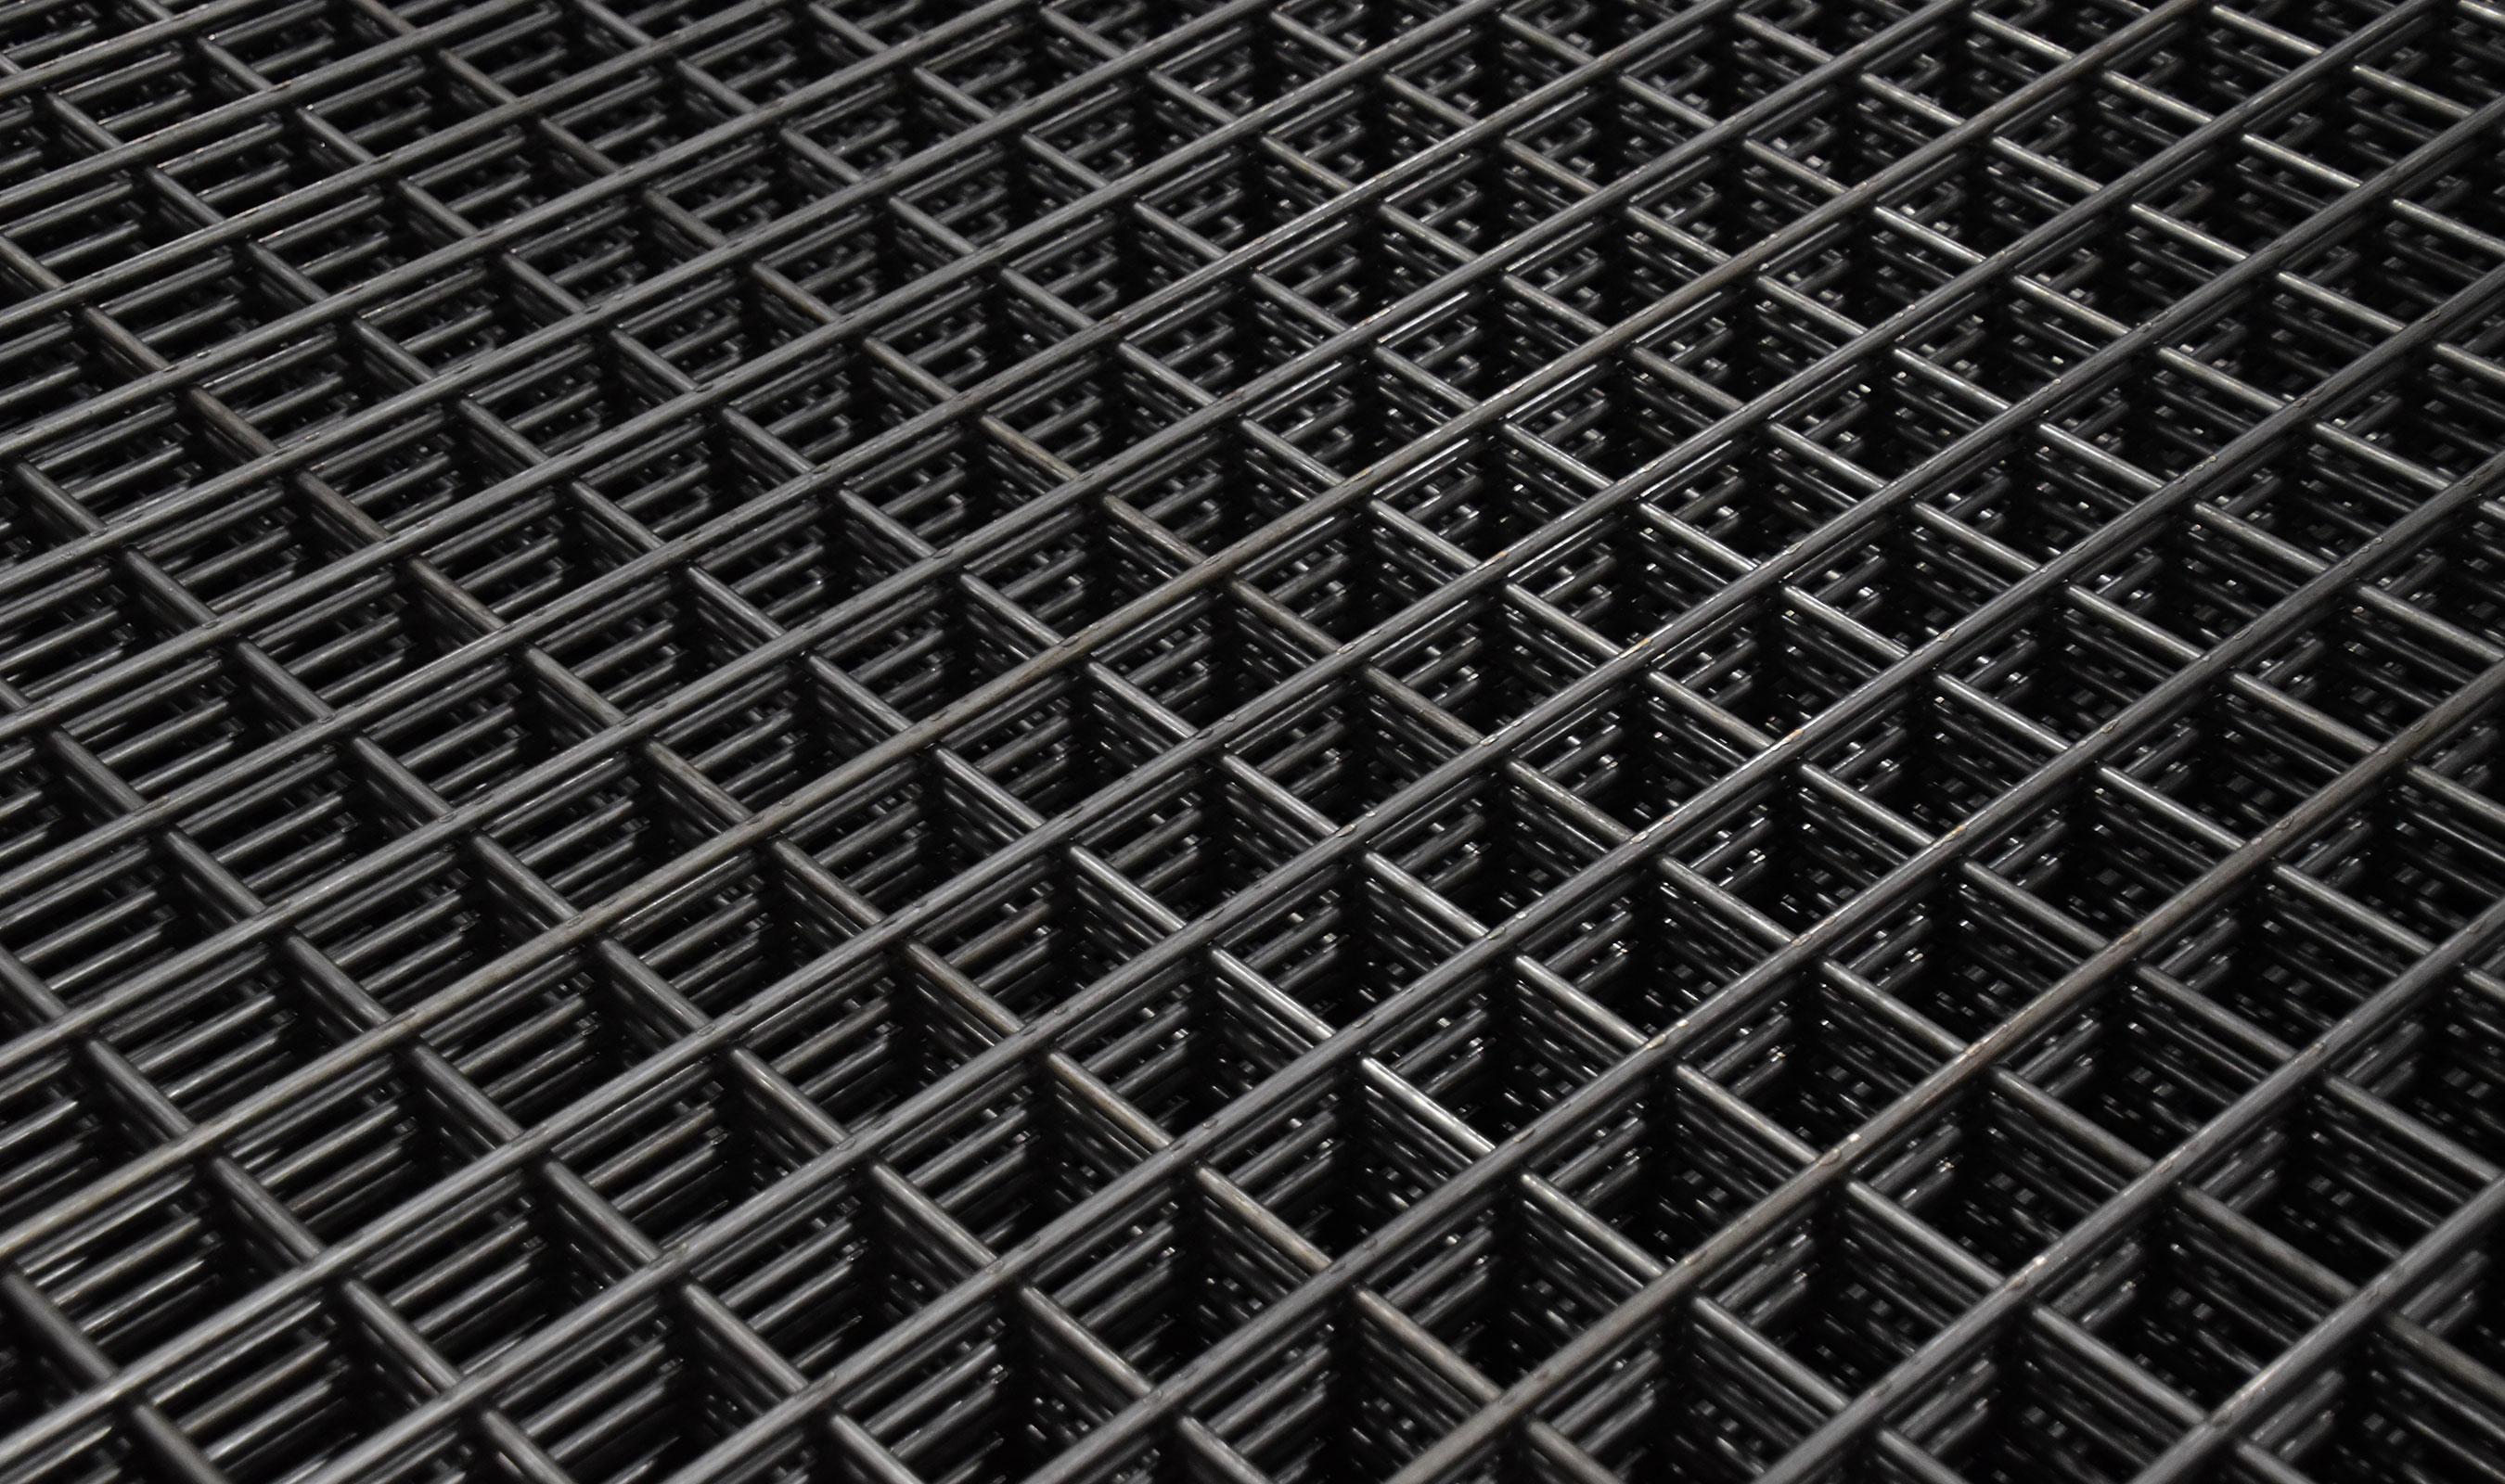 WD-099 welded wire mesh in plain steel